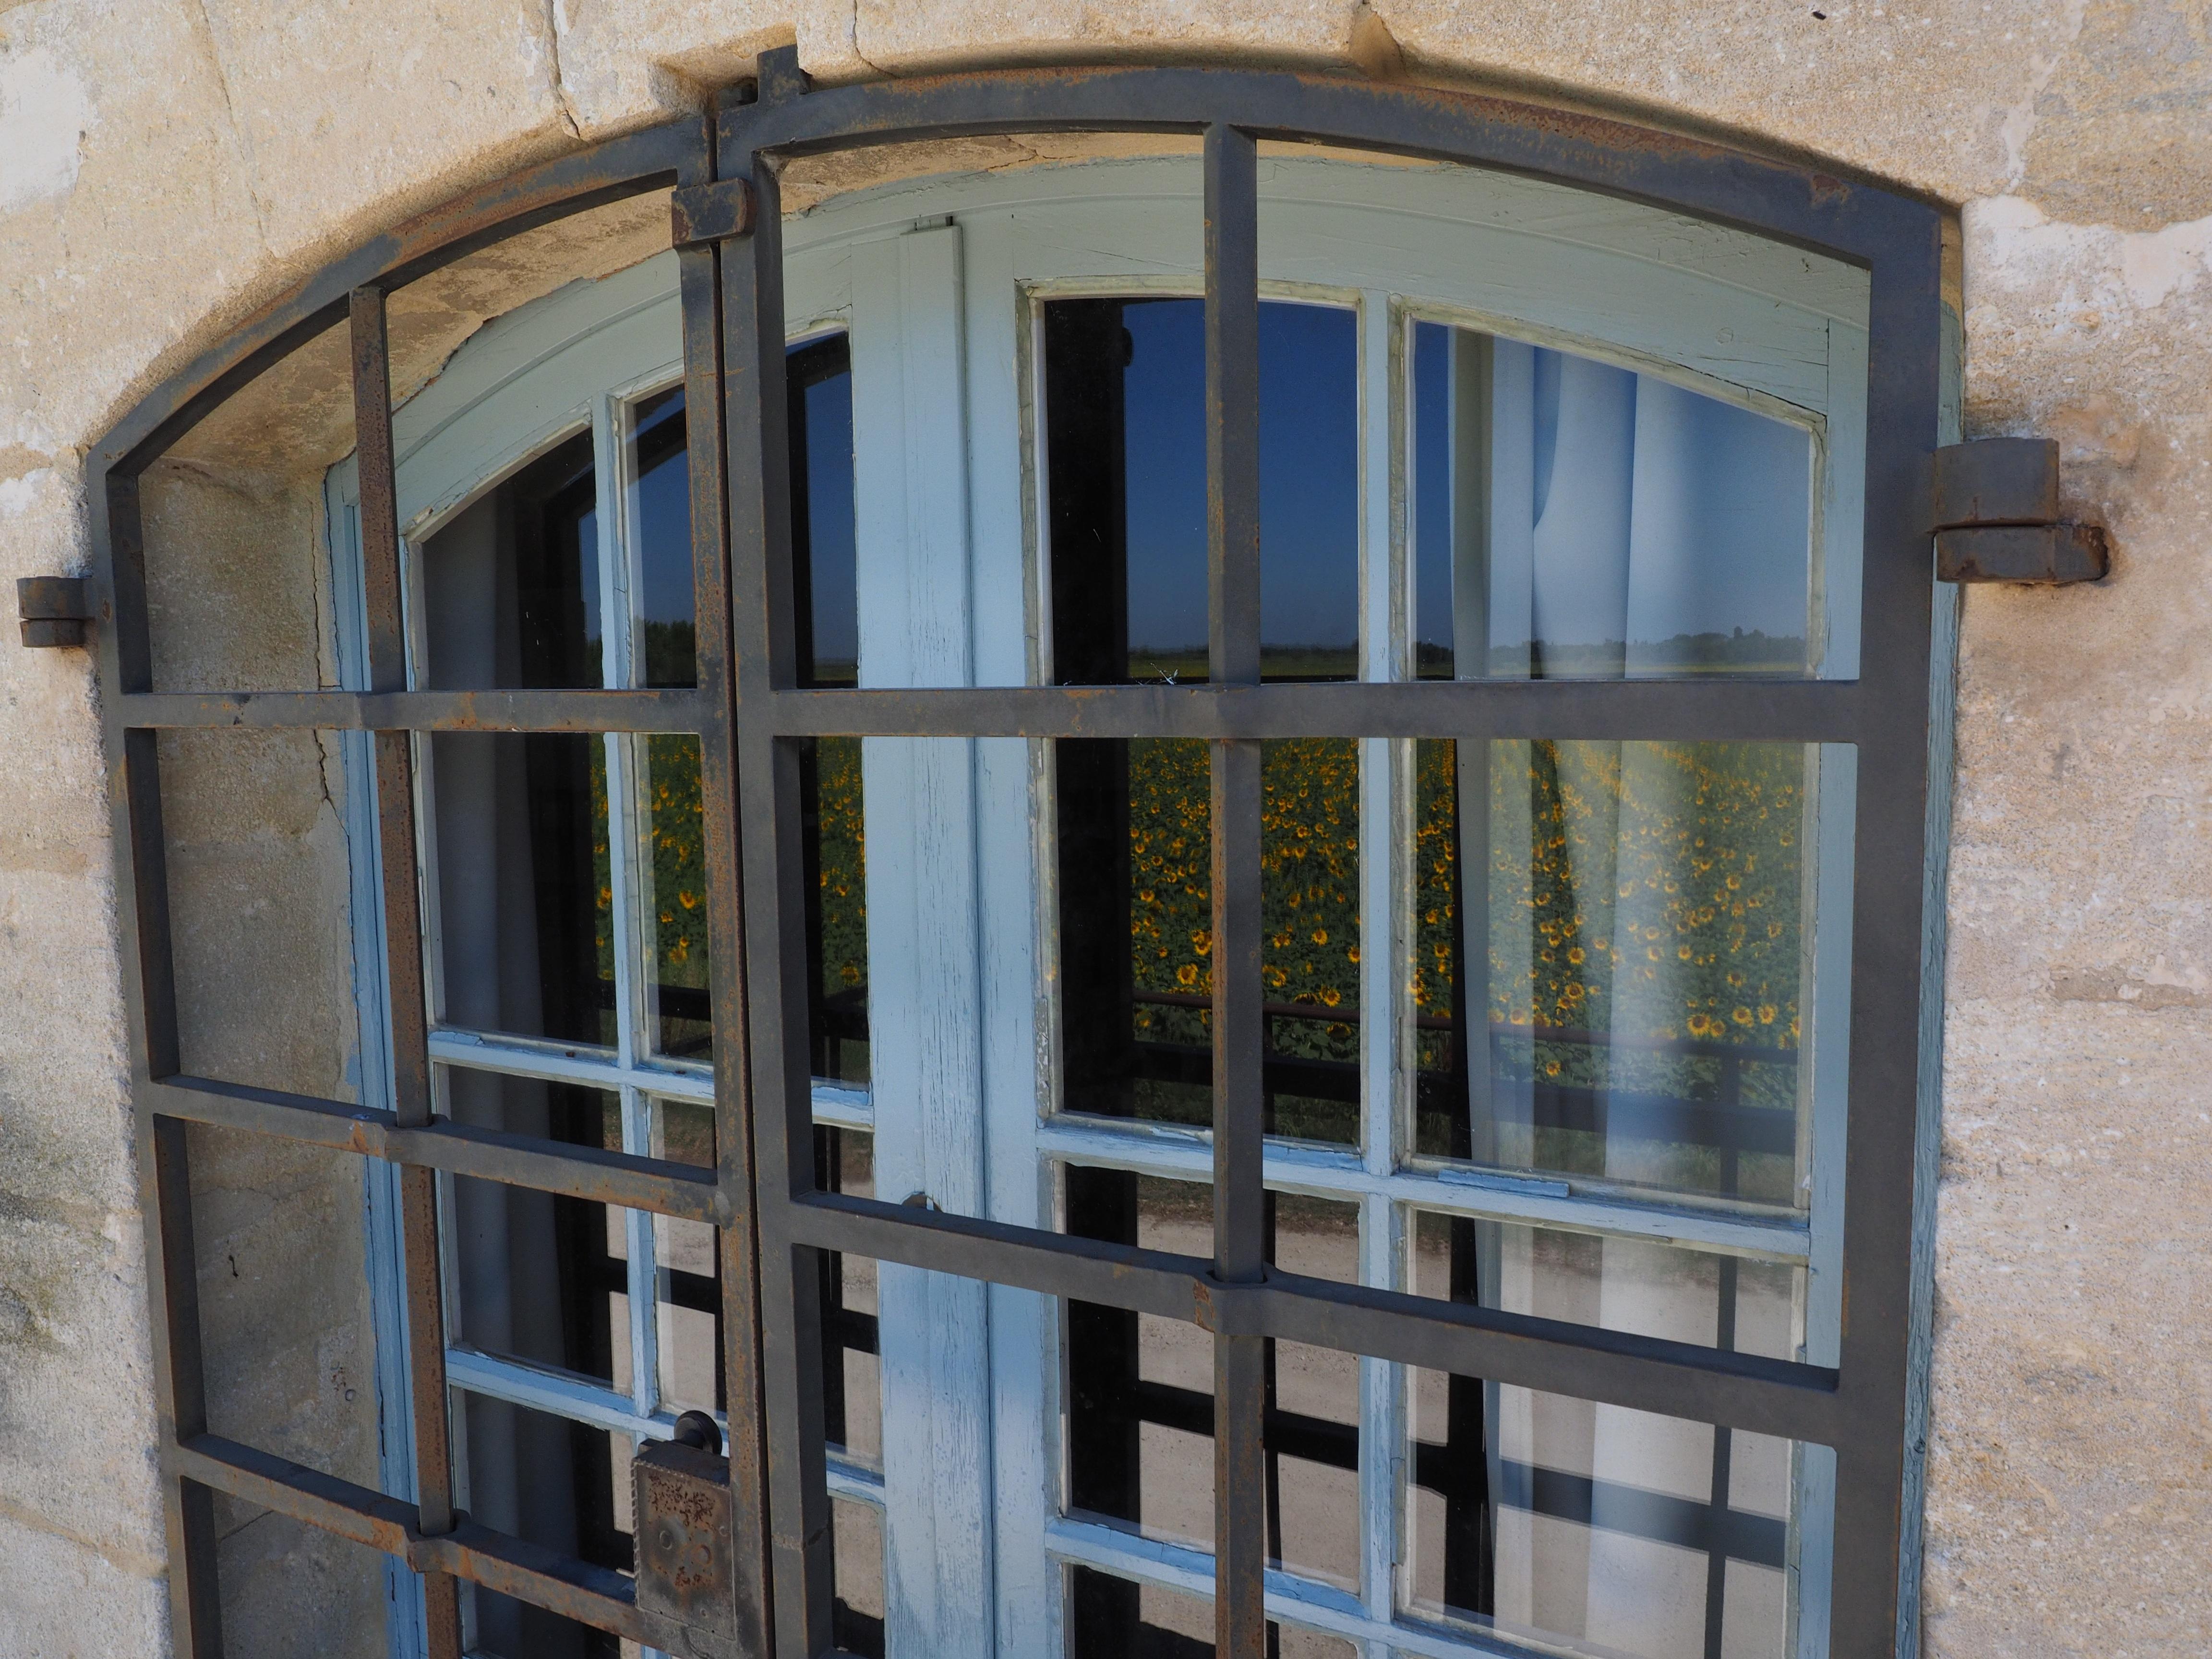 Architecture Wood Window Glass Wall Balcony Facade Property Door Grate  Interior Design Protected Daylighting Theft Burglarproof